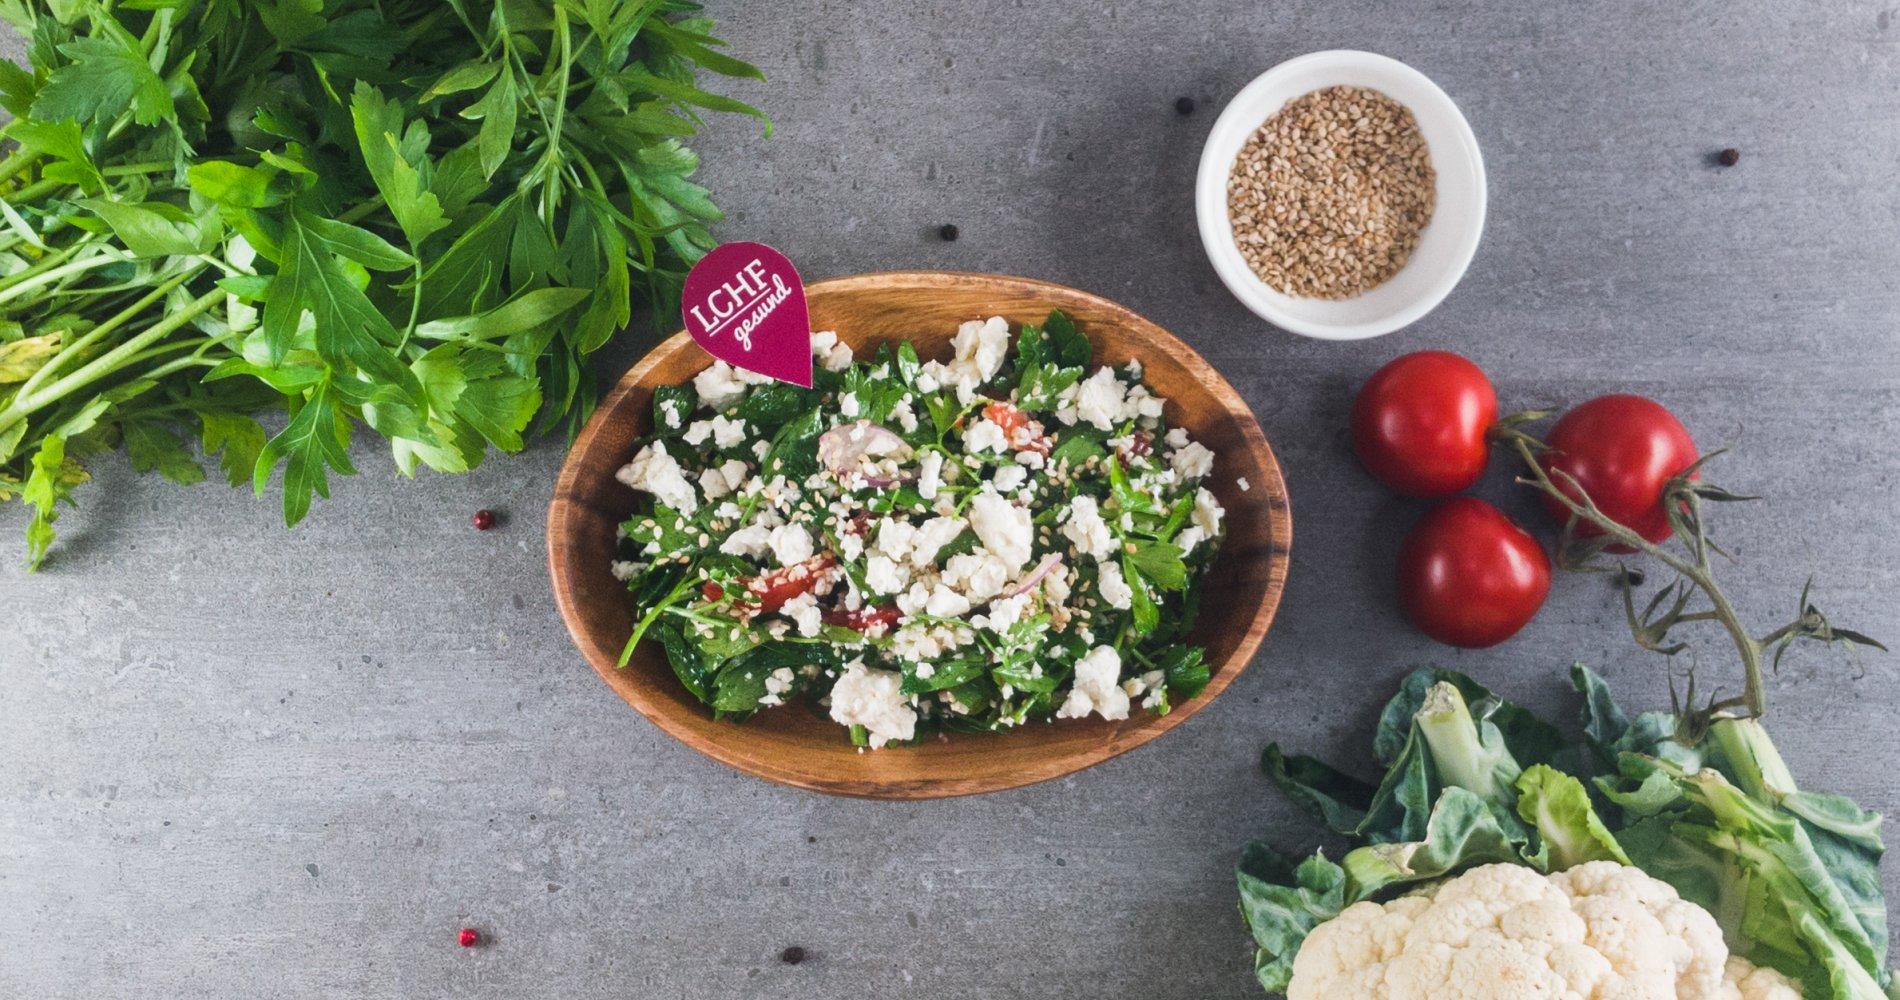 Rezept Low Carb: Libanesischer Petersiliensalat - LCHF-gesund.de